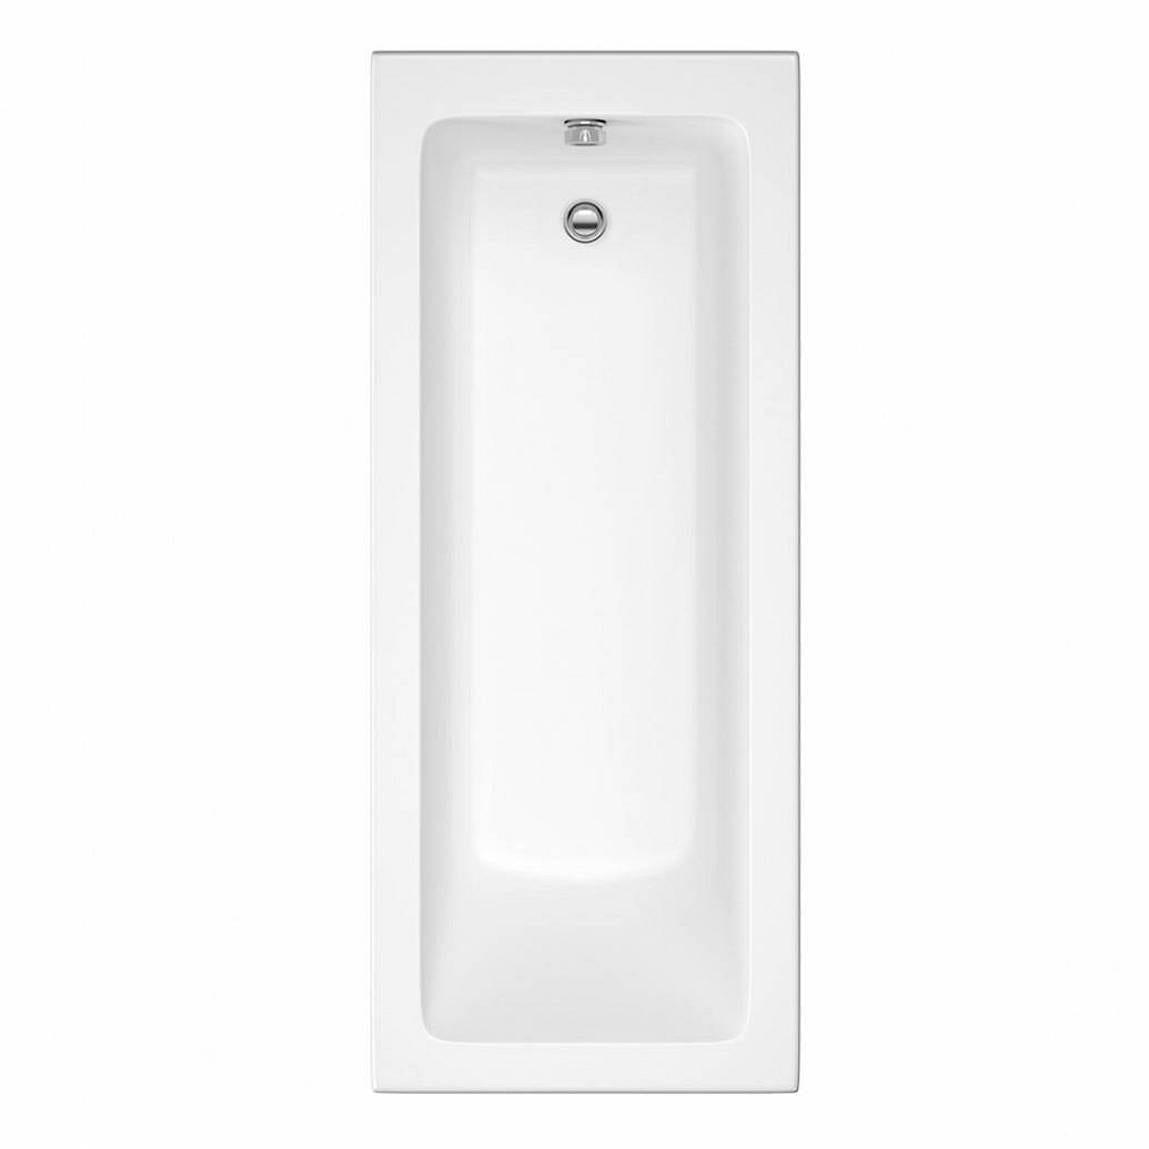 Image of Kensington single ended bath